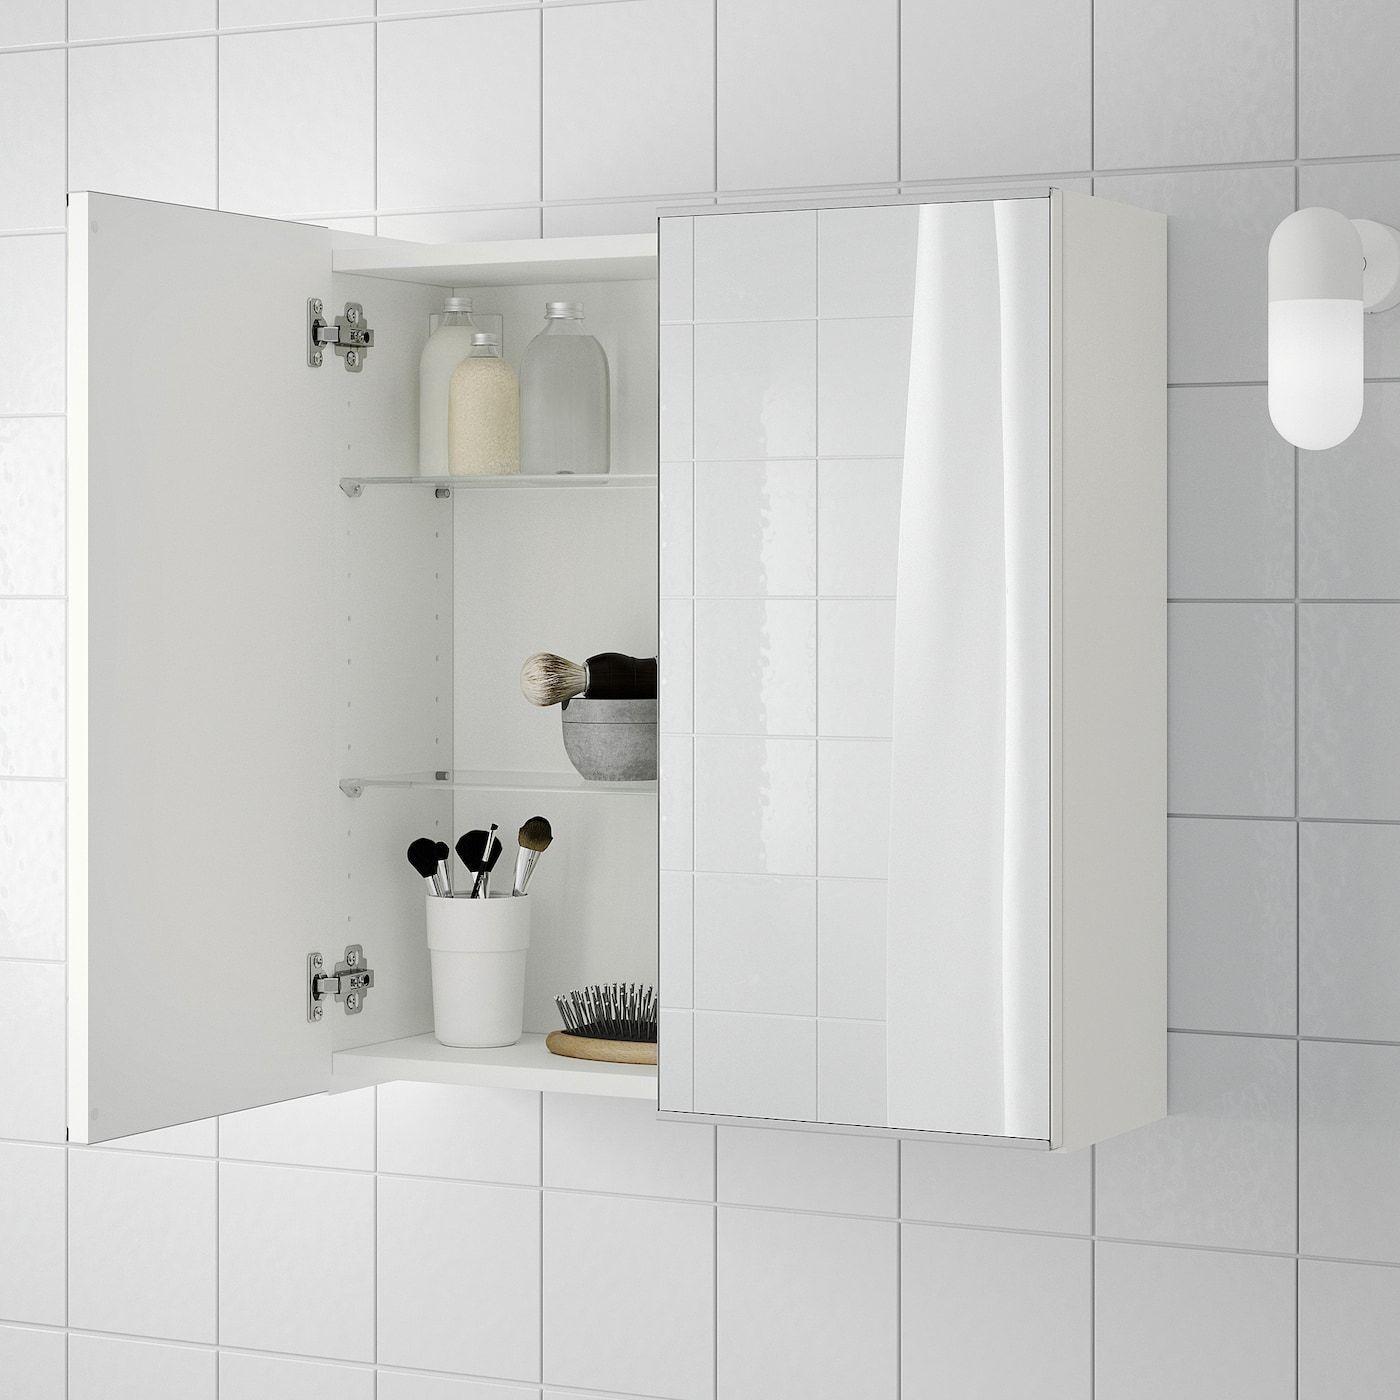 Ikea Lillangen Mirror Cabinet With 2 Doors White In 2020